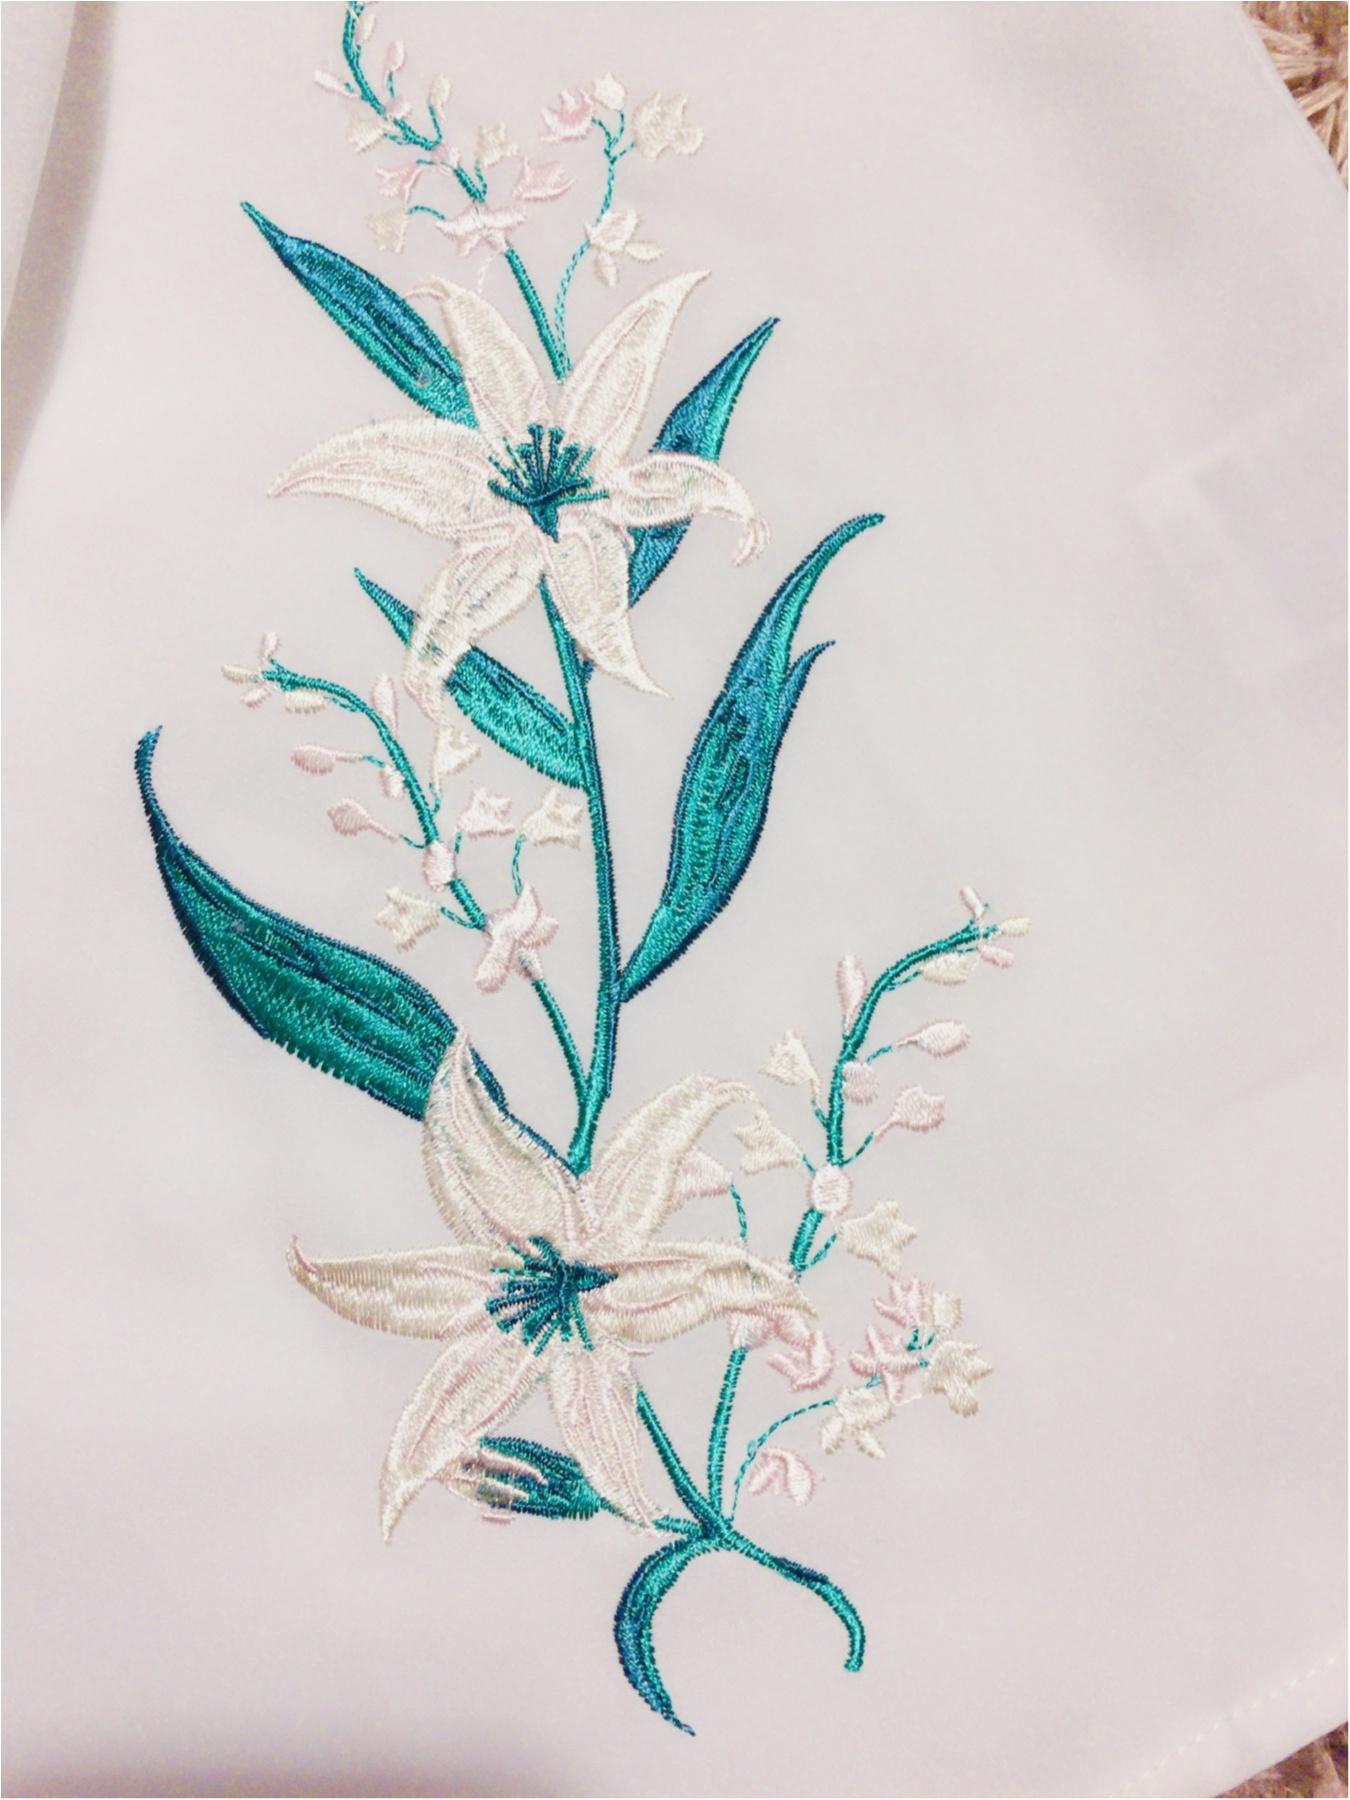 ♡【しまむらパトロール】この春トレンドの刺繍ブラウスが驚きの価格!!トレンドアイテムはしまむらでGetしちゃいましょう♡_2